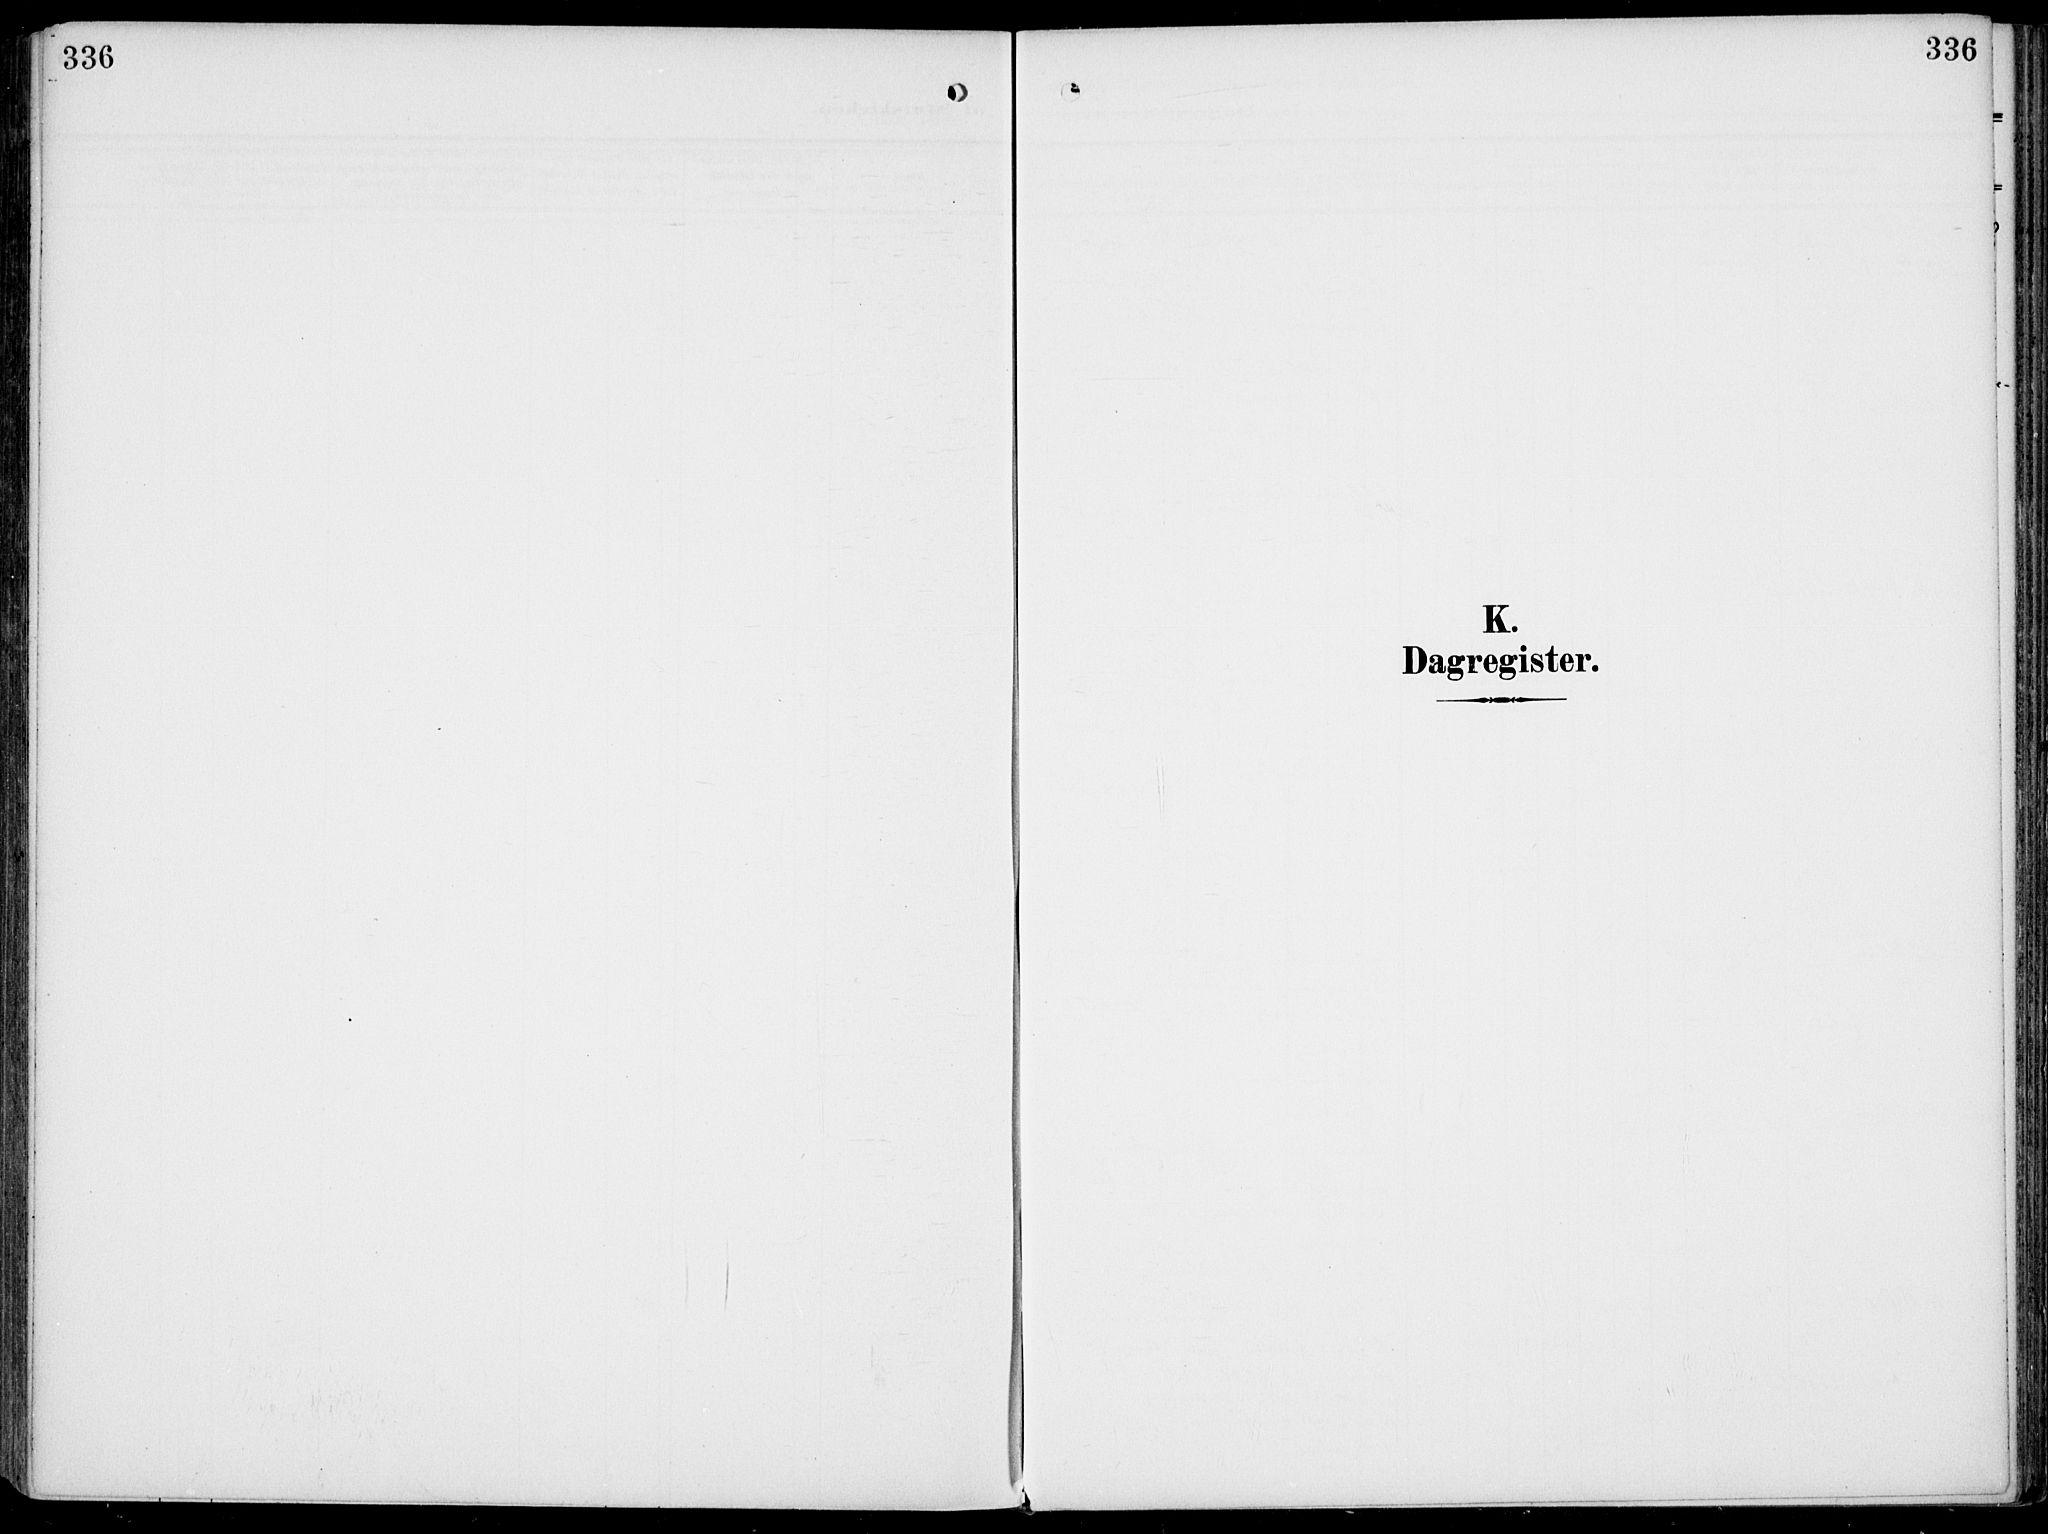 SAKO, Gjerpen kirkebøker, F/Fa/L0012: Ministerialbok nr. 12, 1905-1913, s. 336